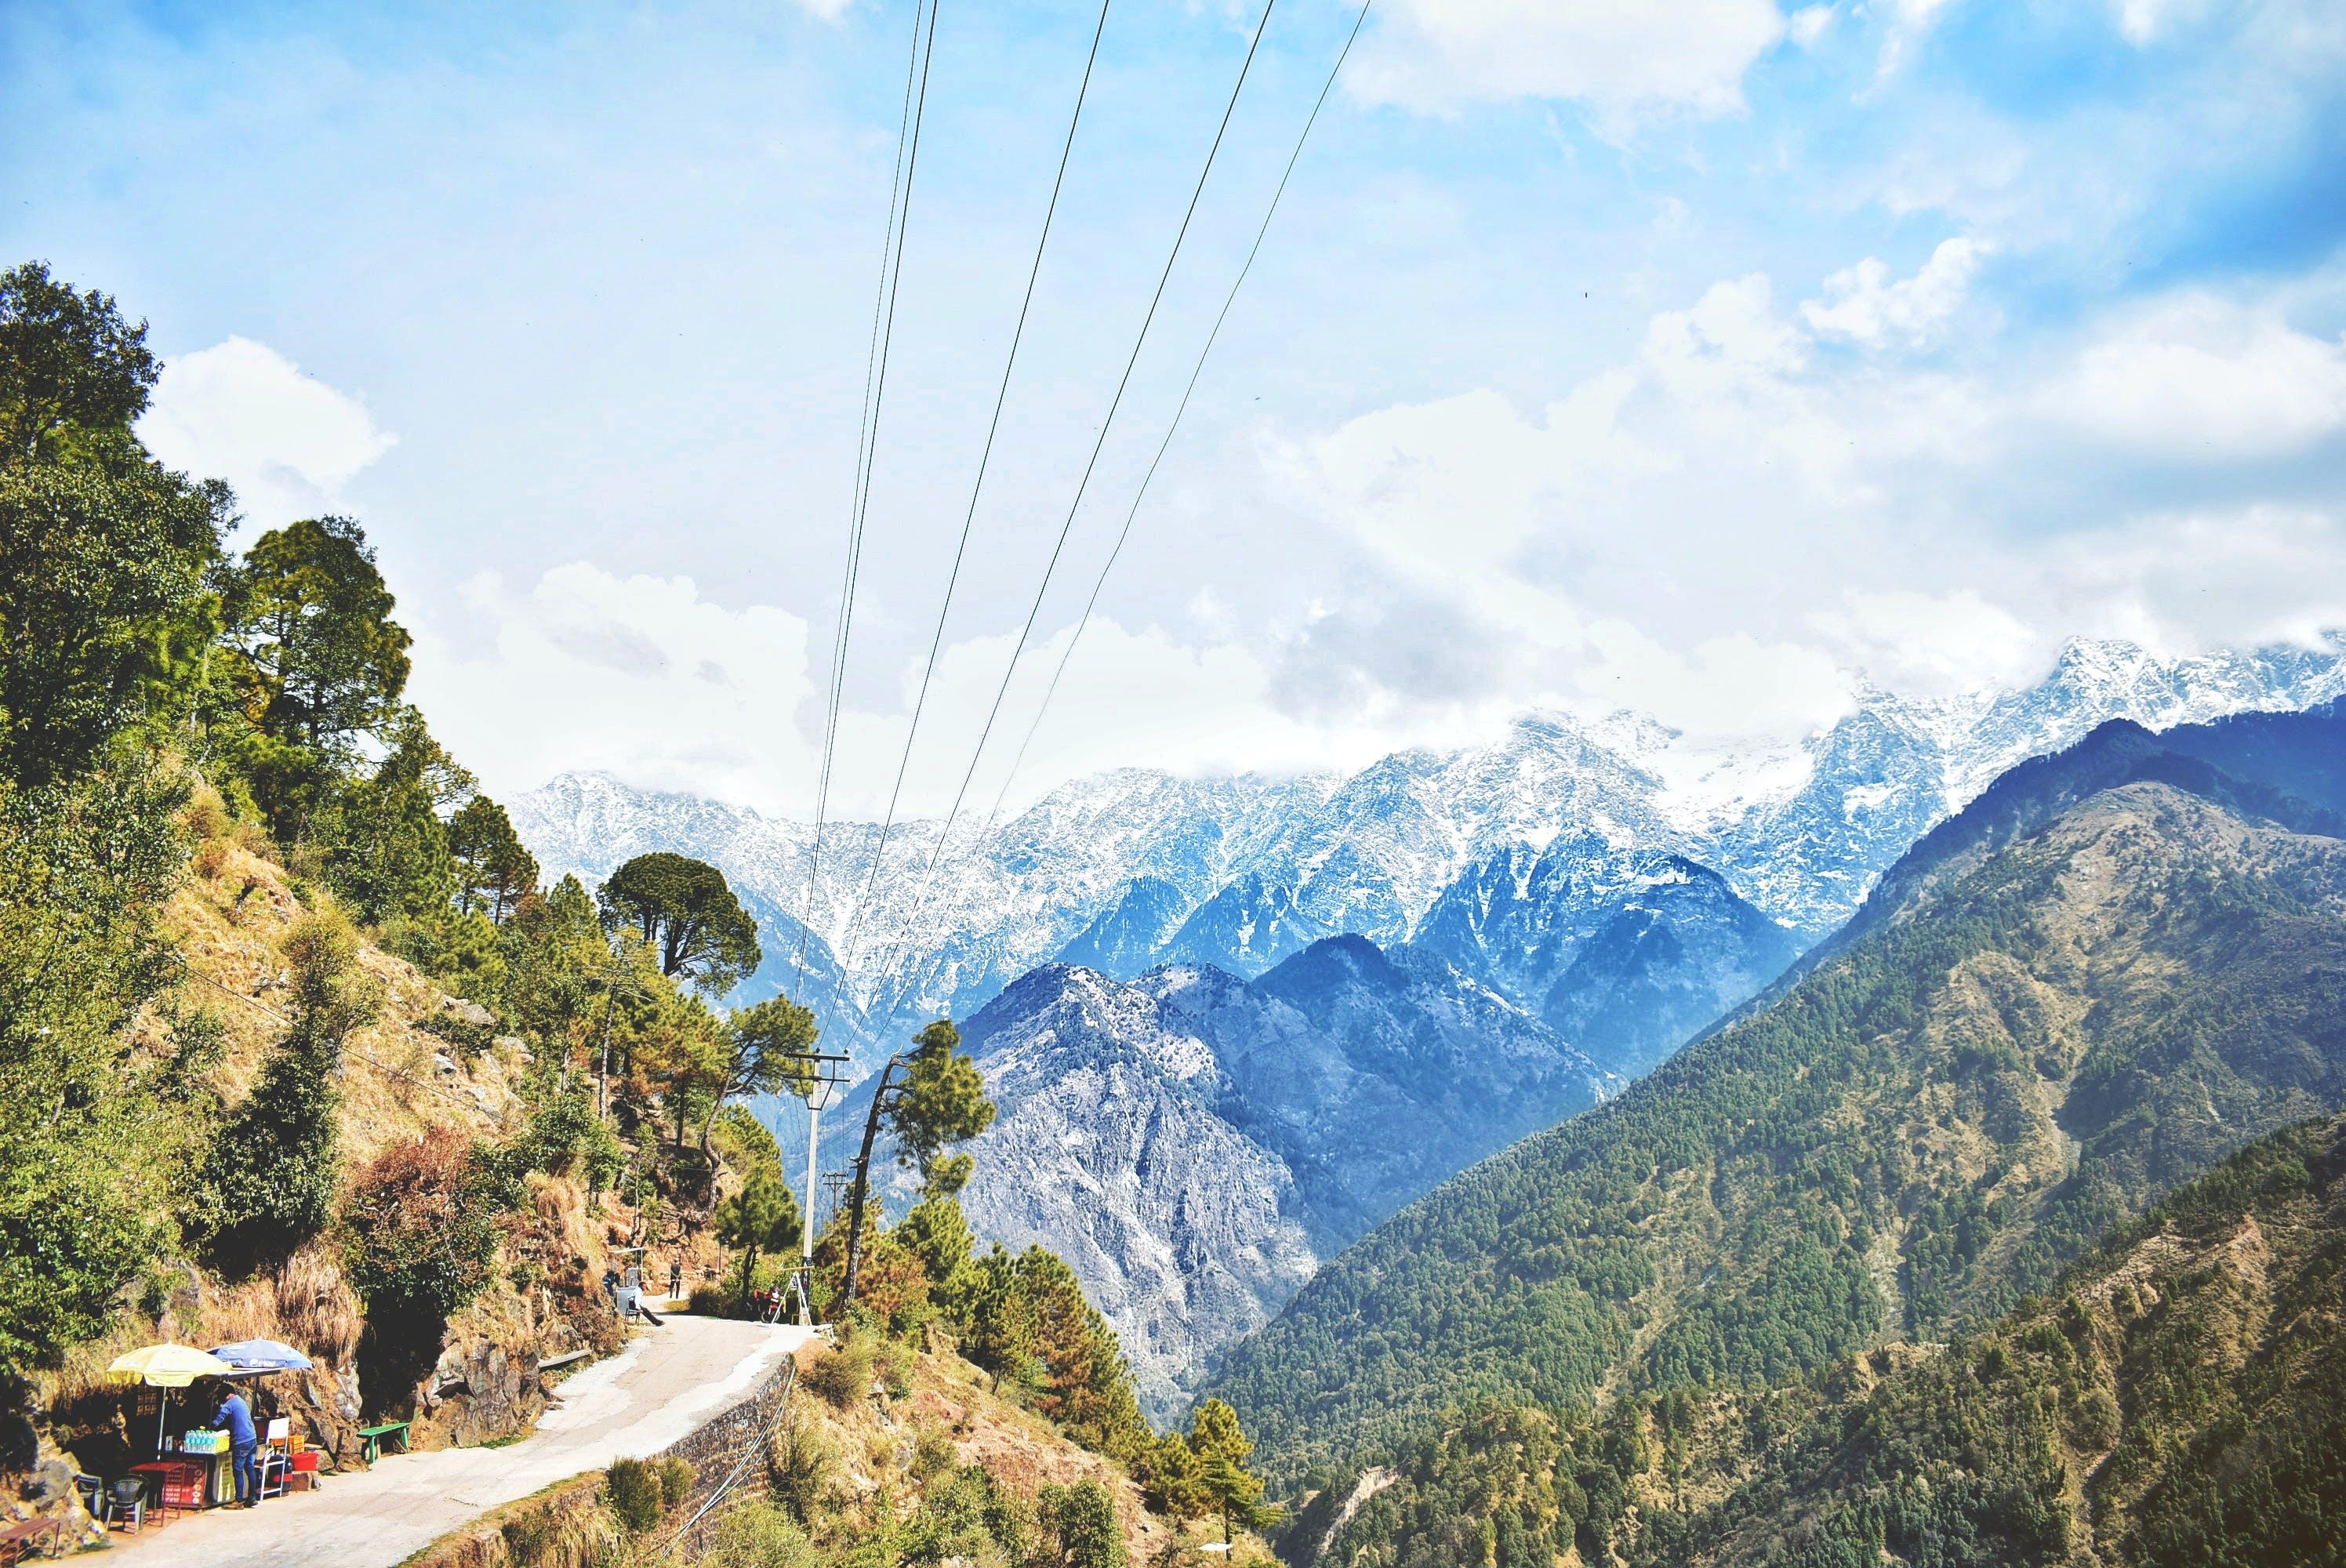 Gratis lagerfoto af bjerge, bjergkæde, bjergtinde, butik